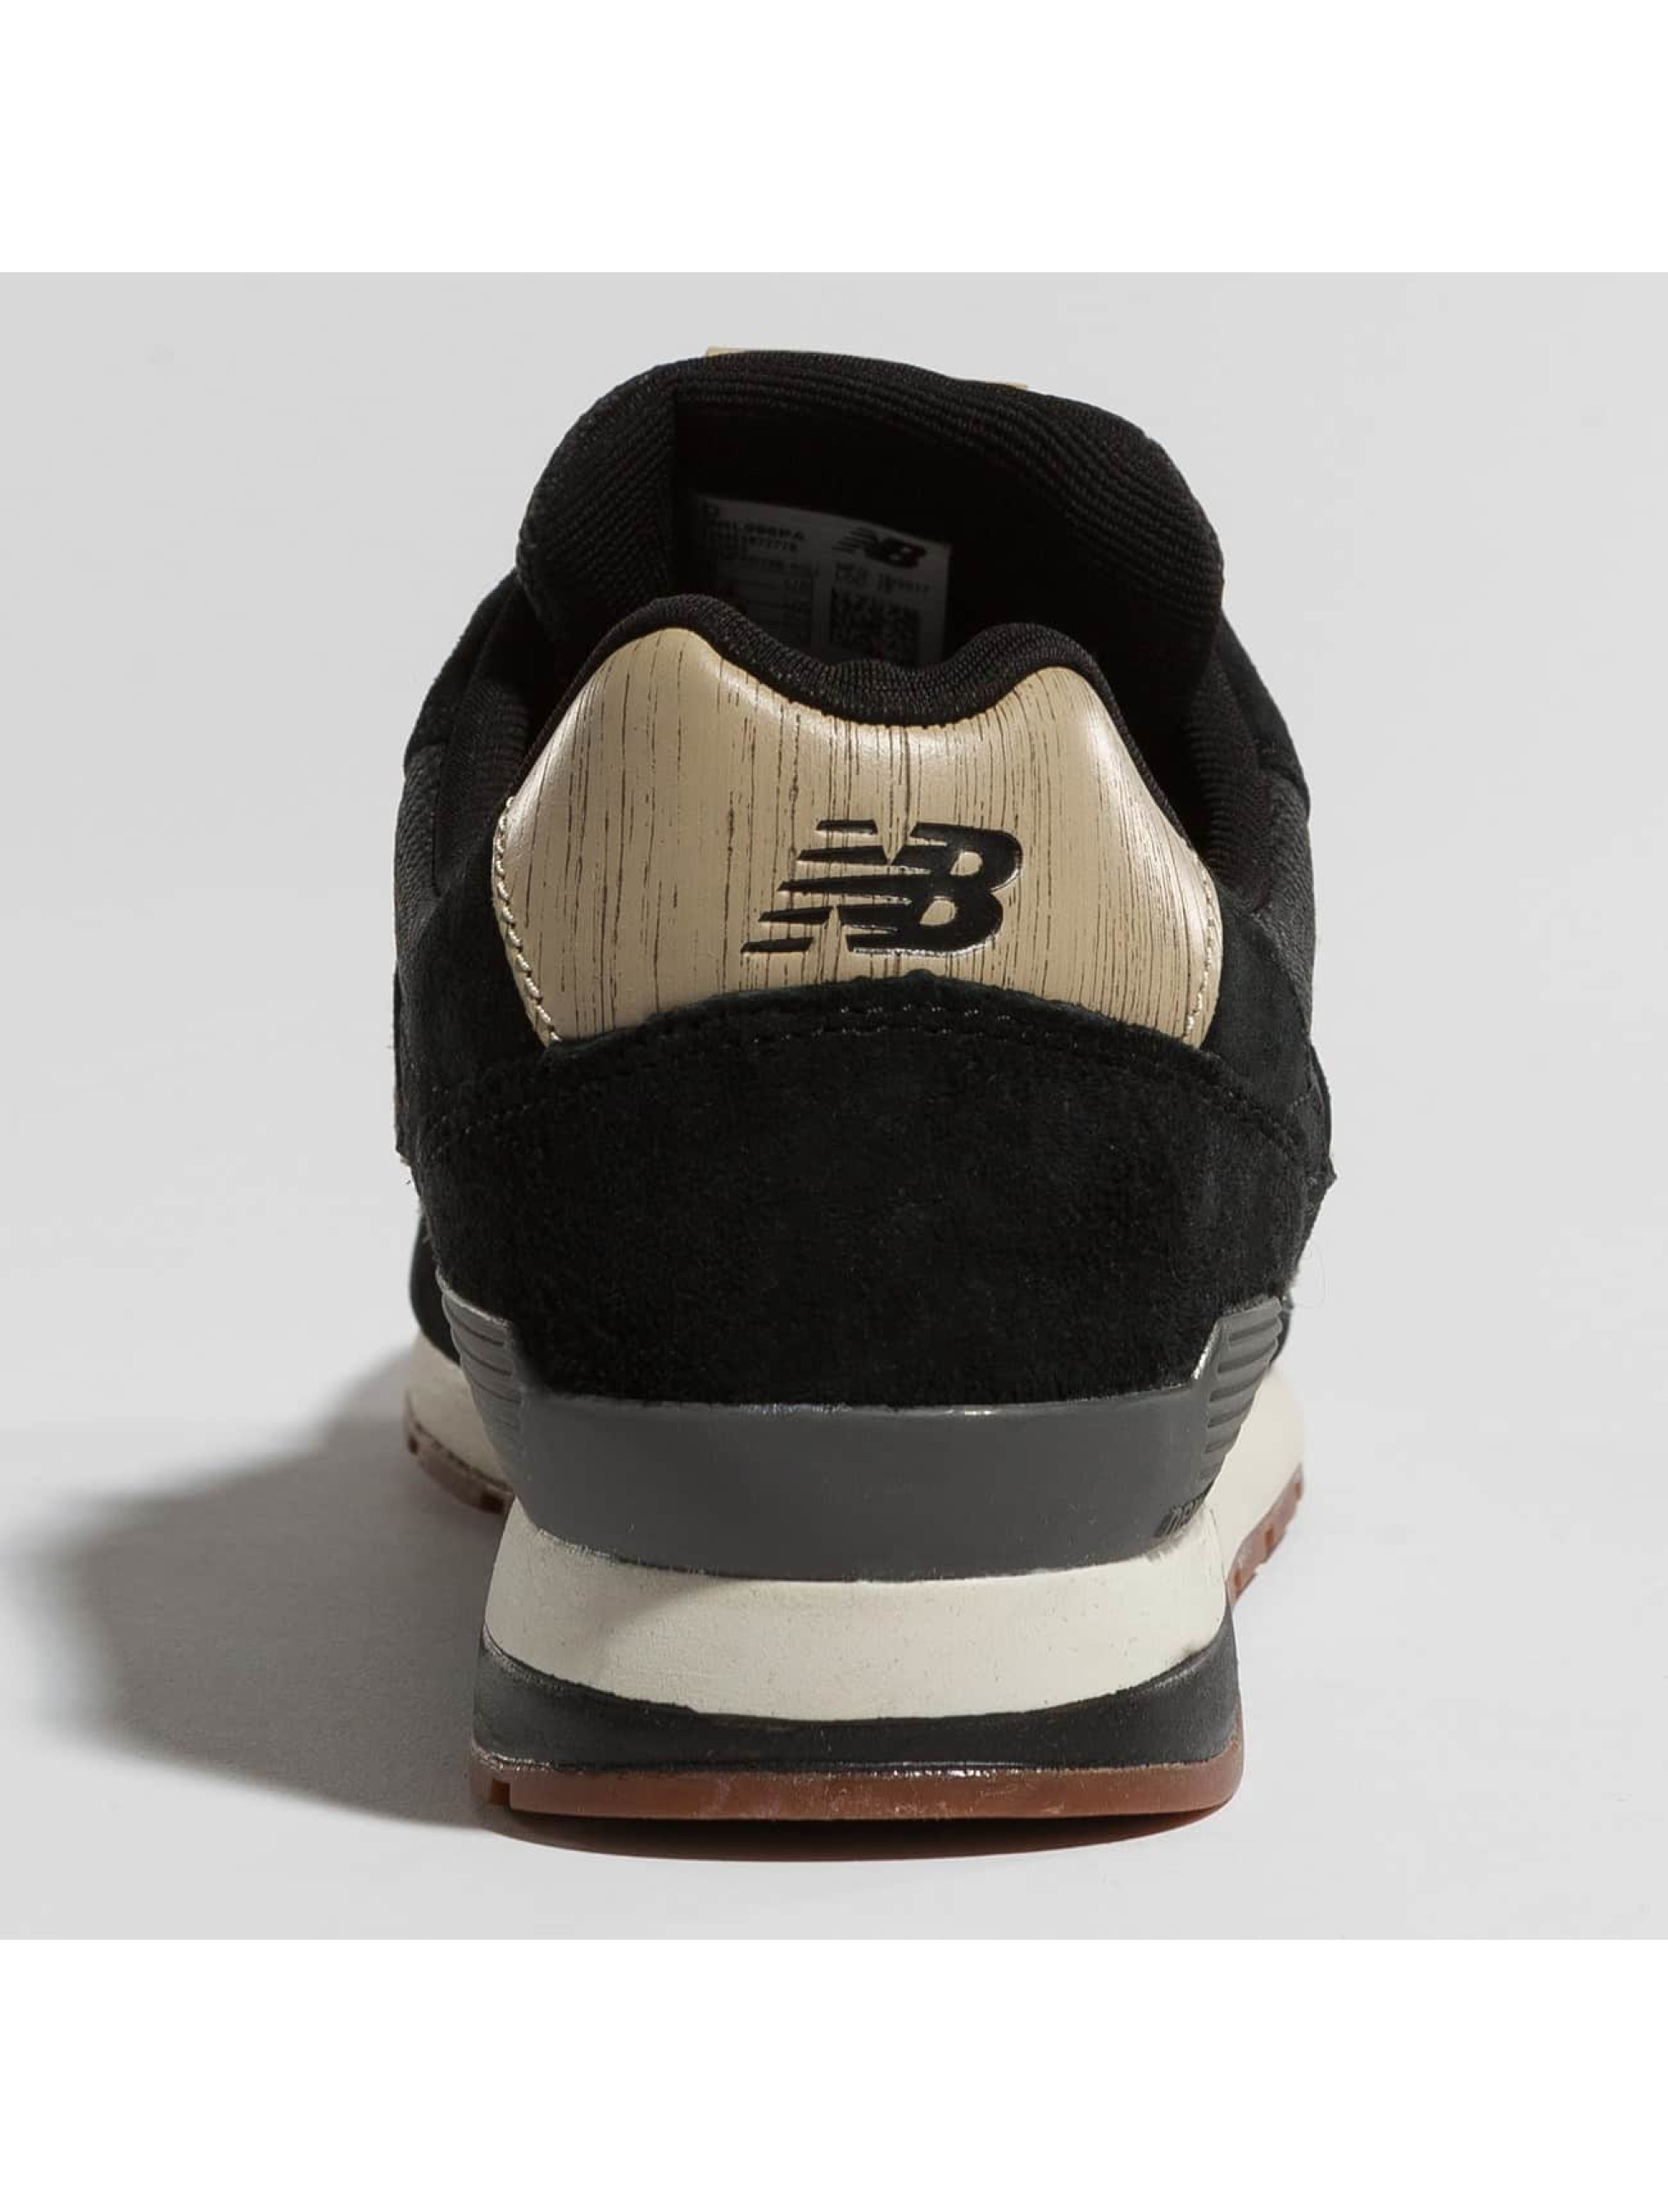 New Balance Baskets MRL996 noir